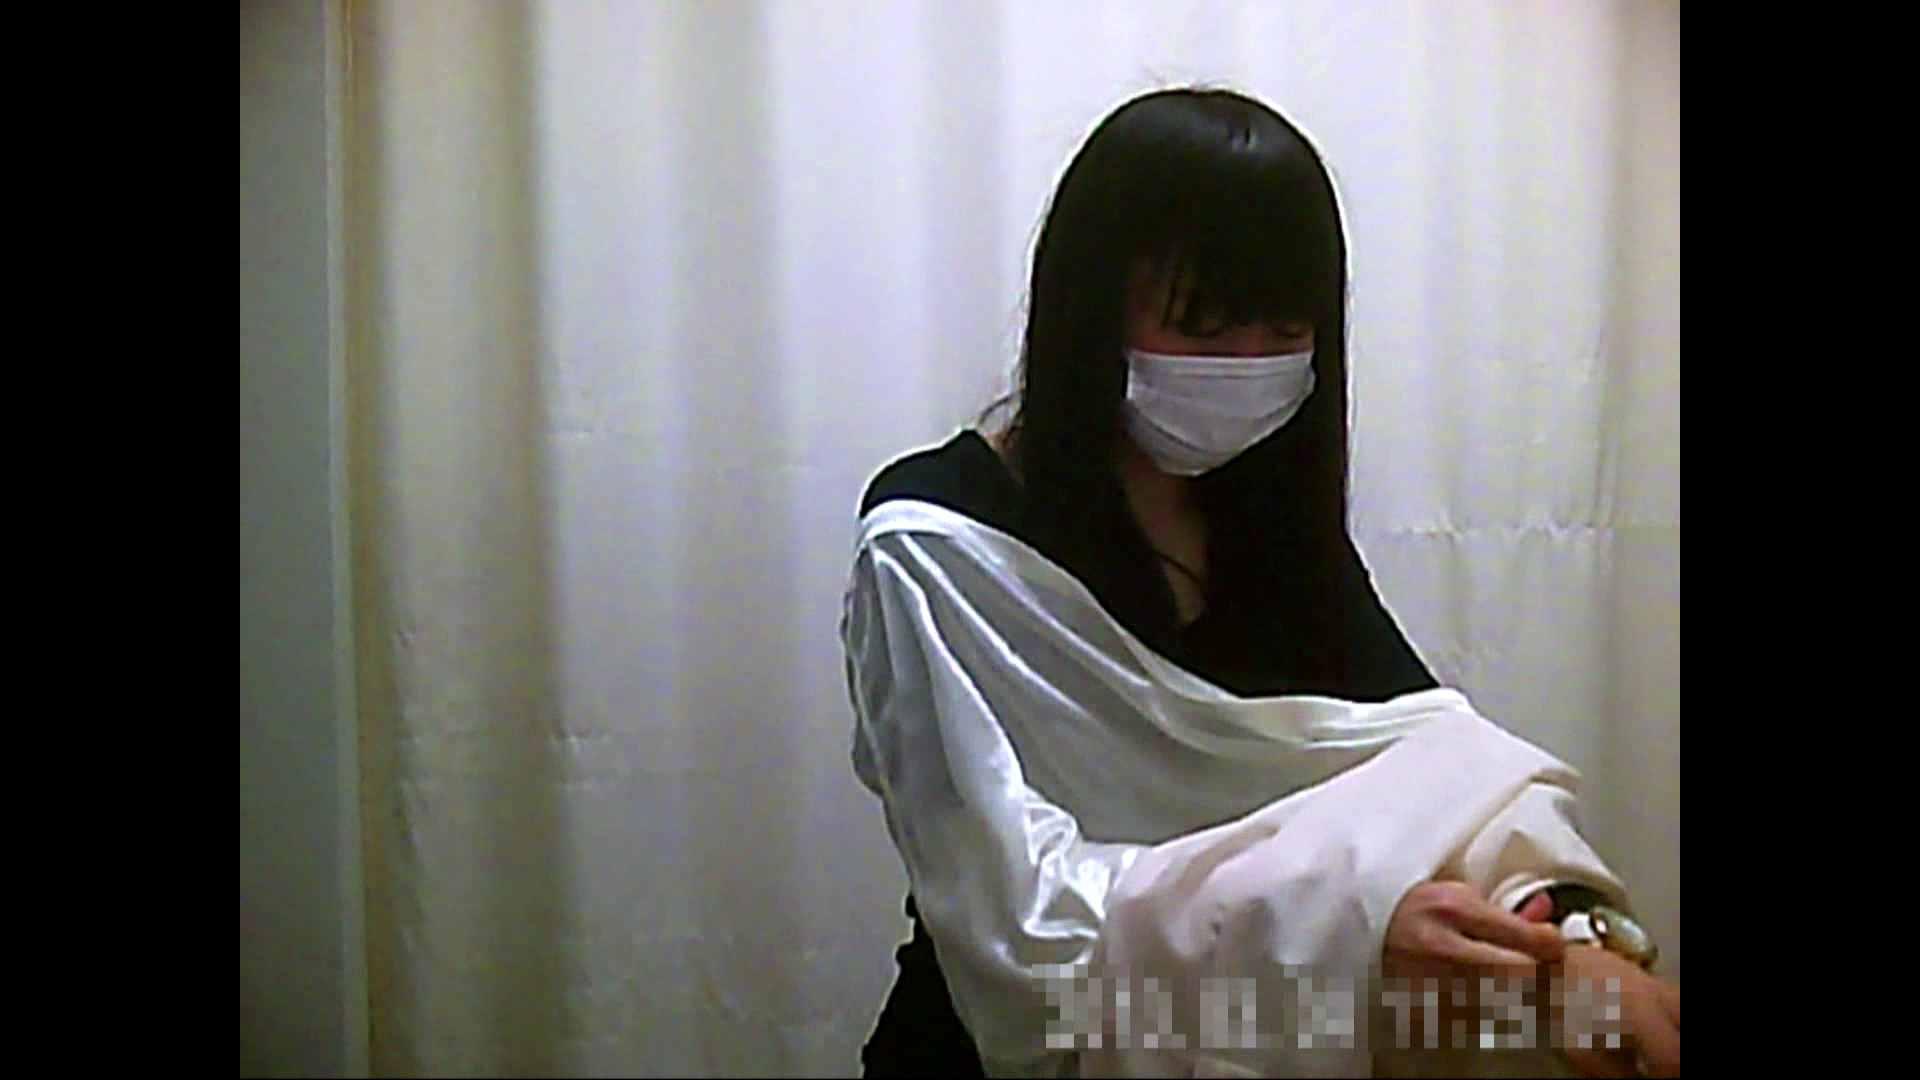 元医者による反抗 更衣室地獄絵巻 vol.103 OLハメ撮り  89Pix 80